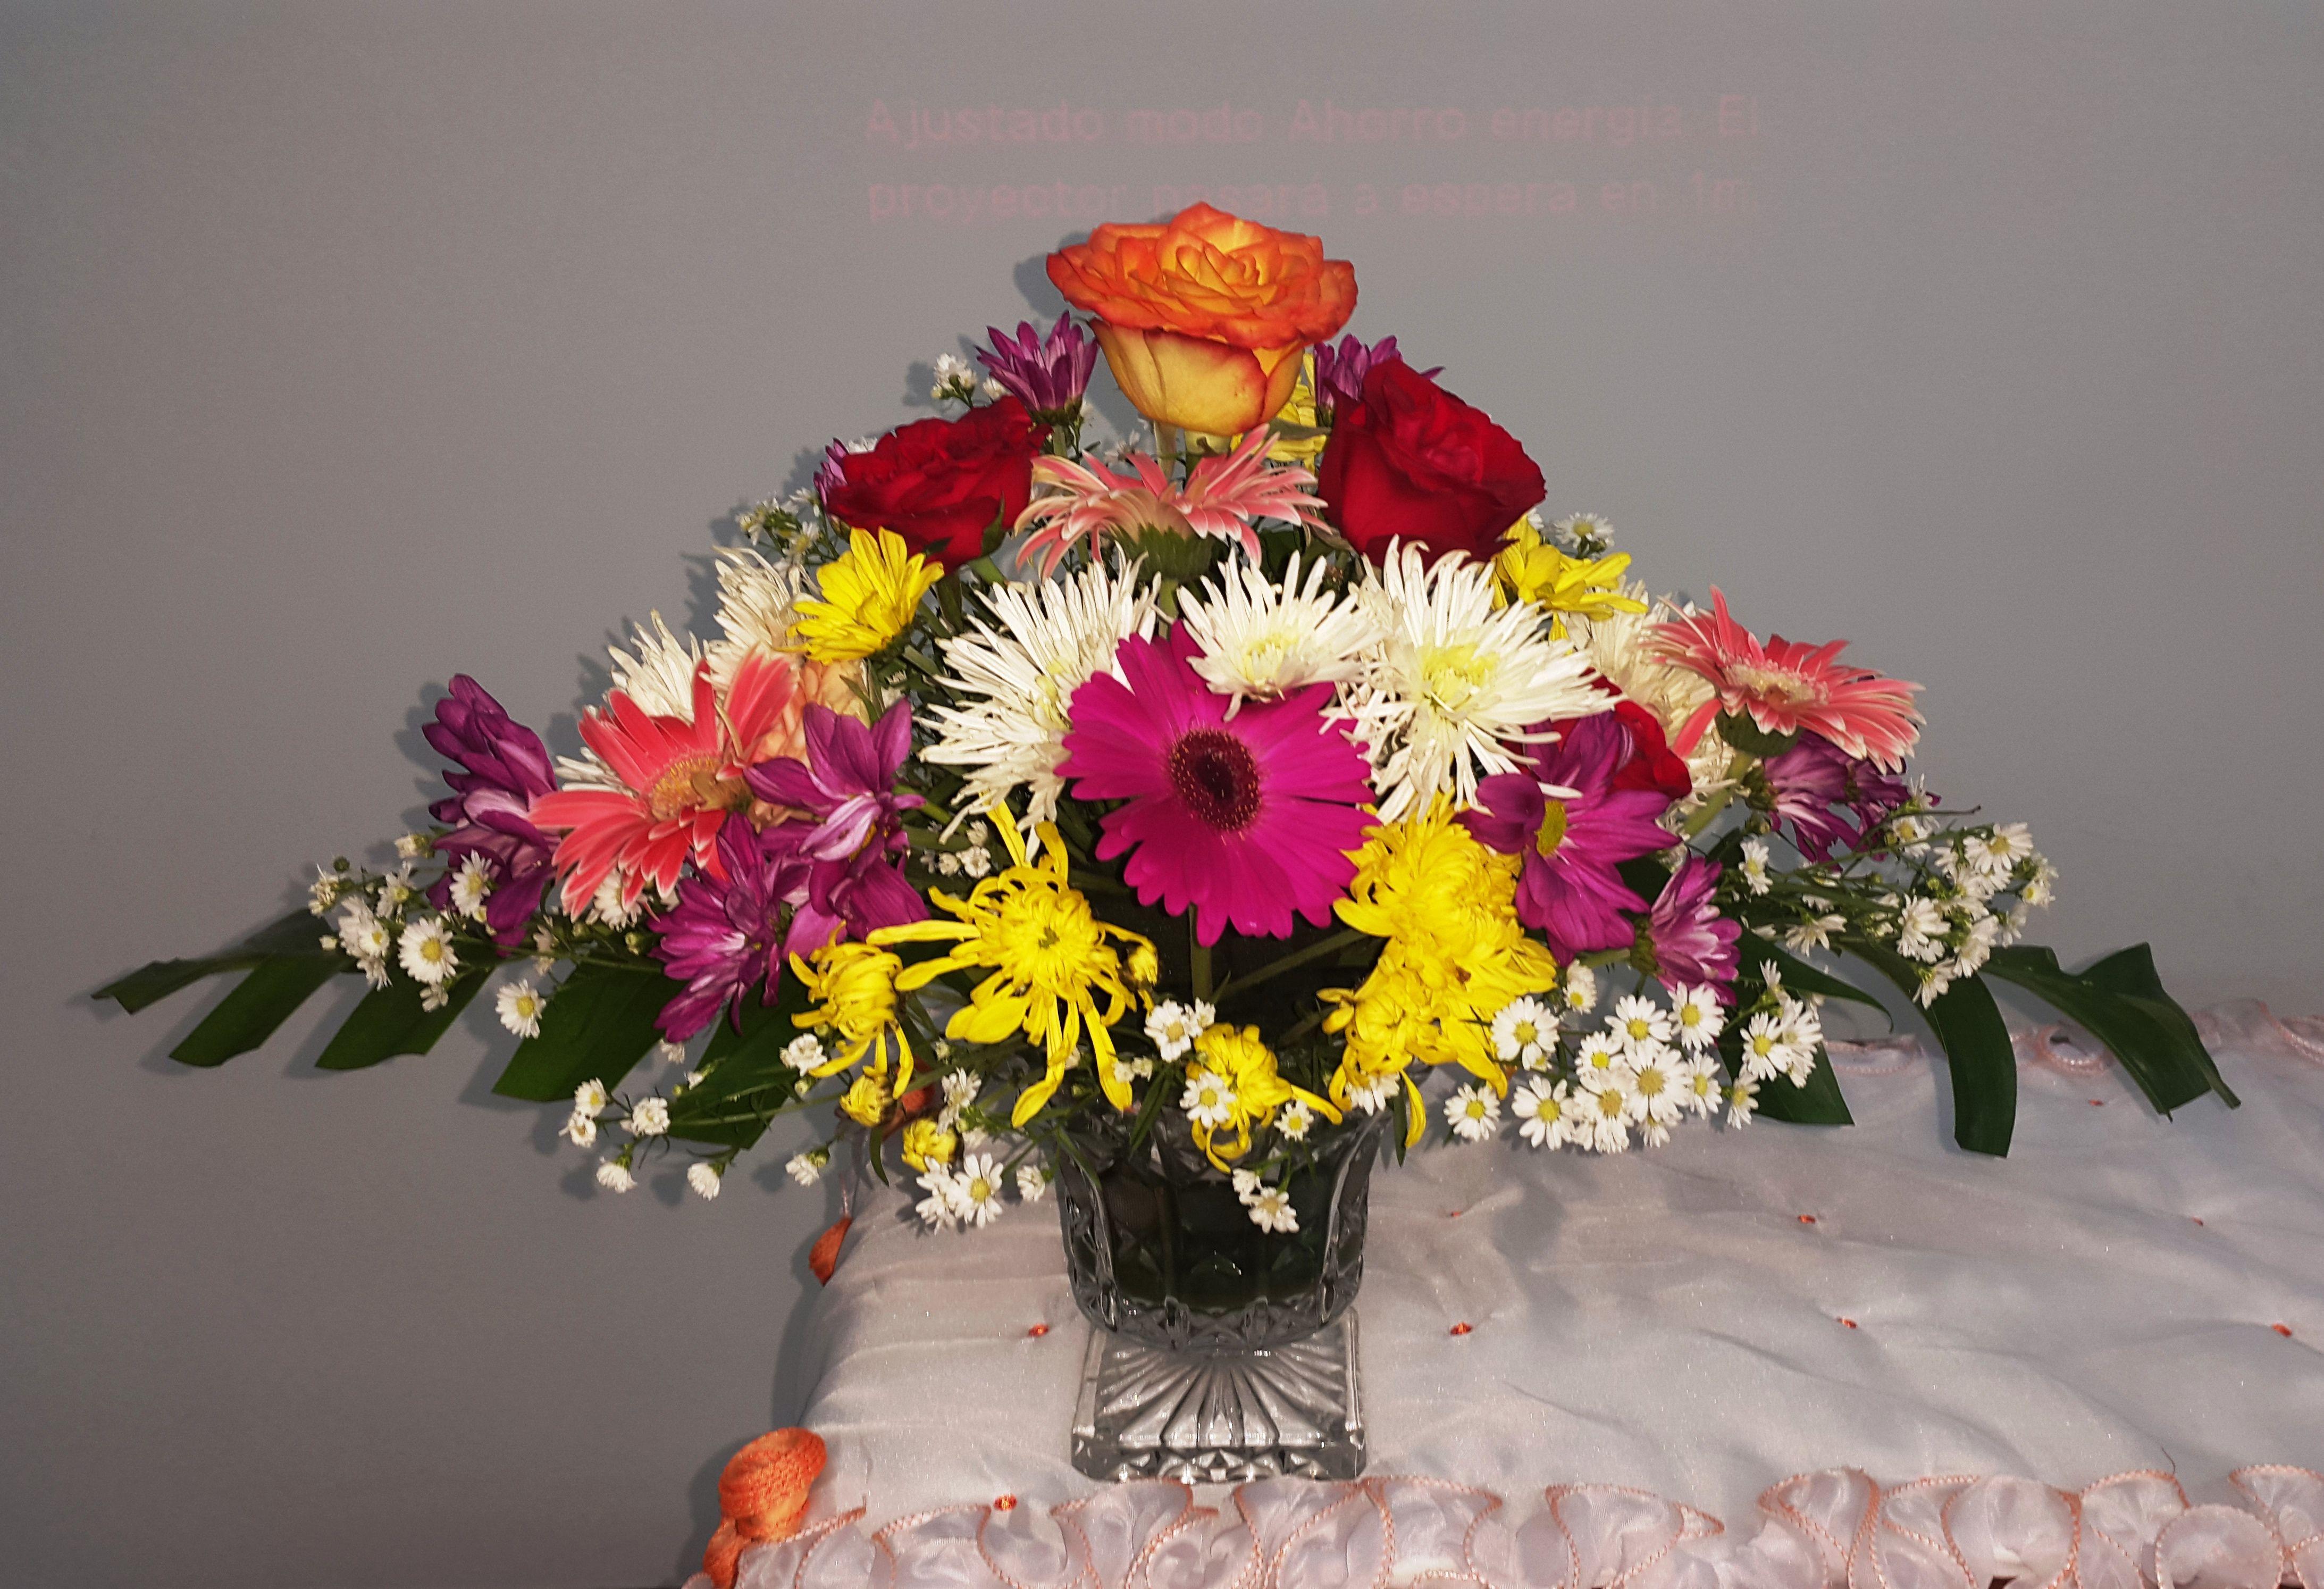 Variedad De Flores En Arreglo Floral Rosas Margaritas Gerberas